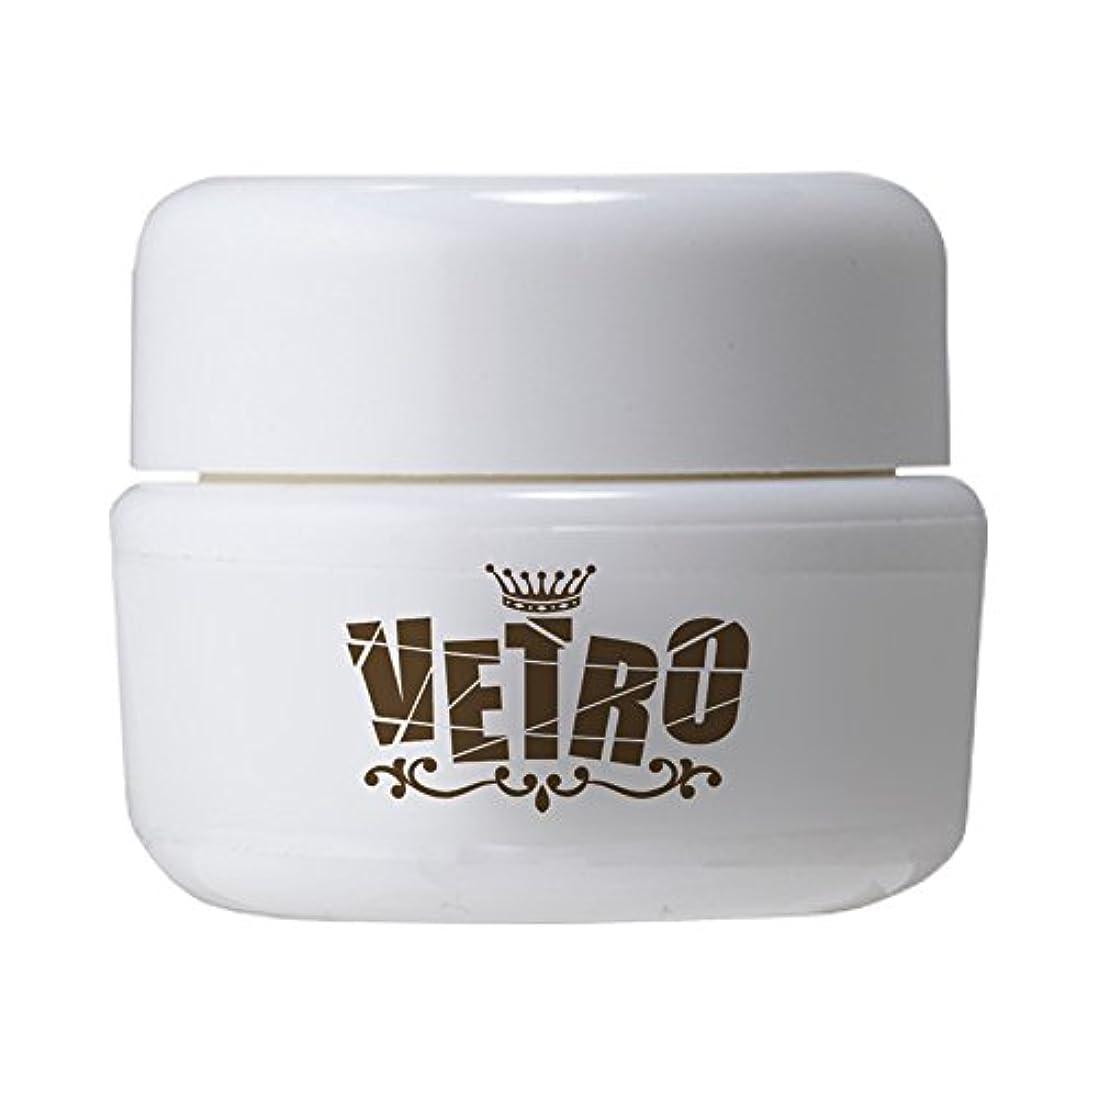 ハント安心させる中央値VETRO No.19 カラージェル マット VL094 エヴァアビエイター 4ml